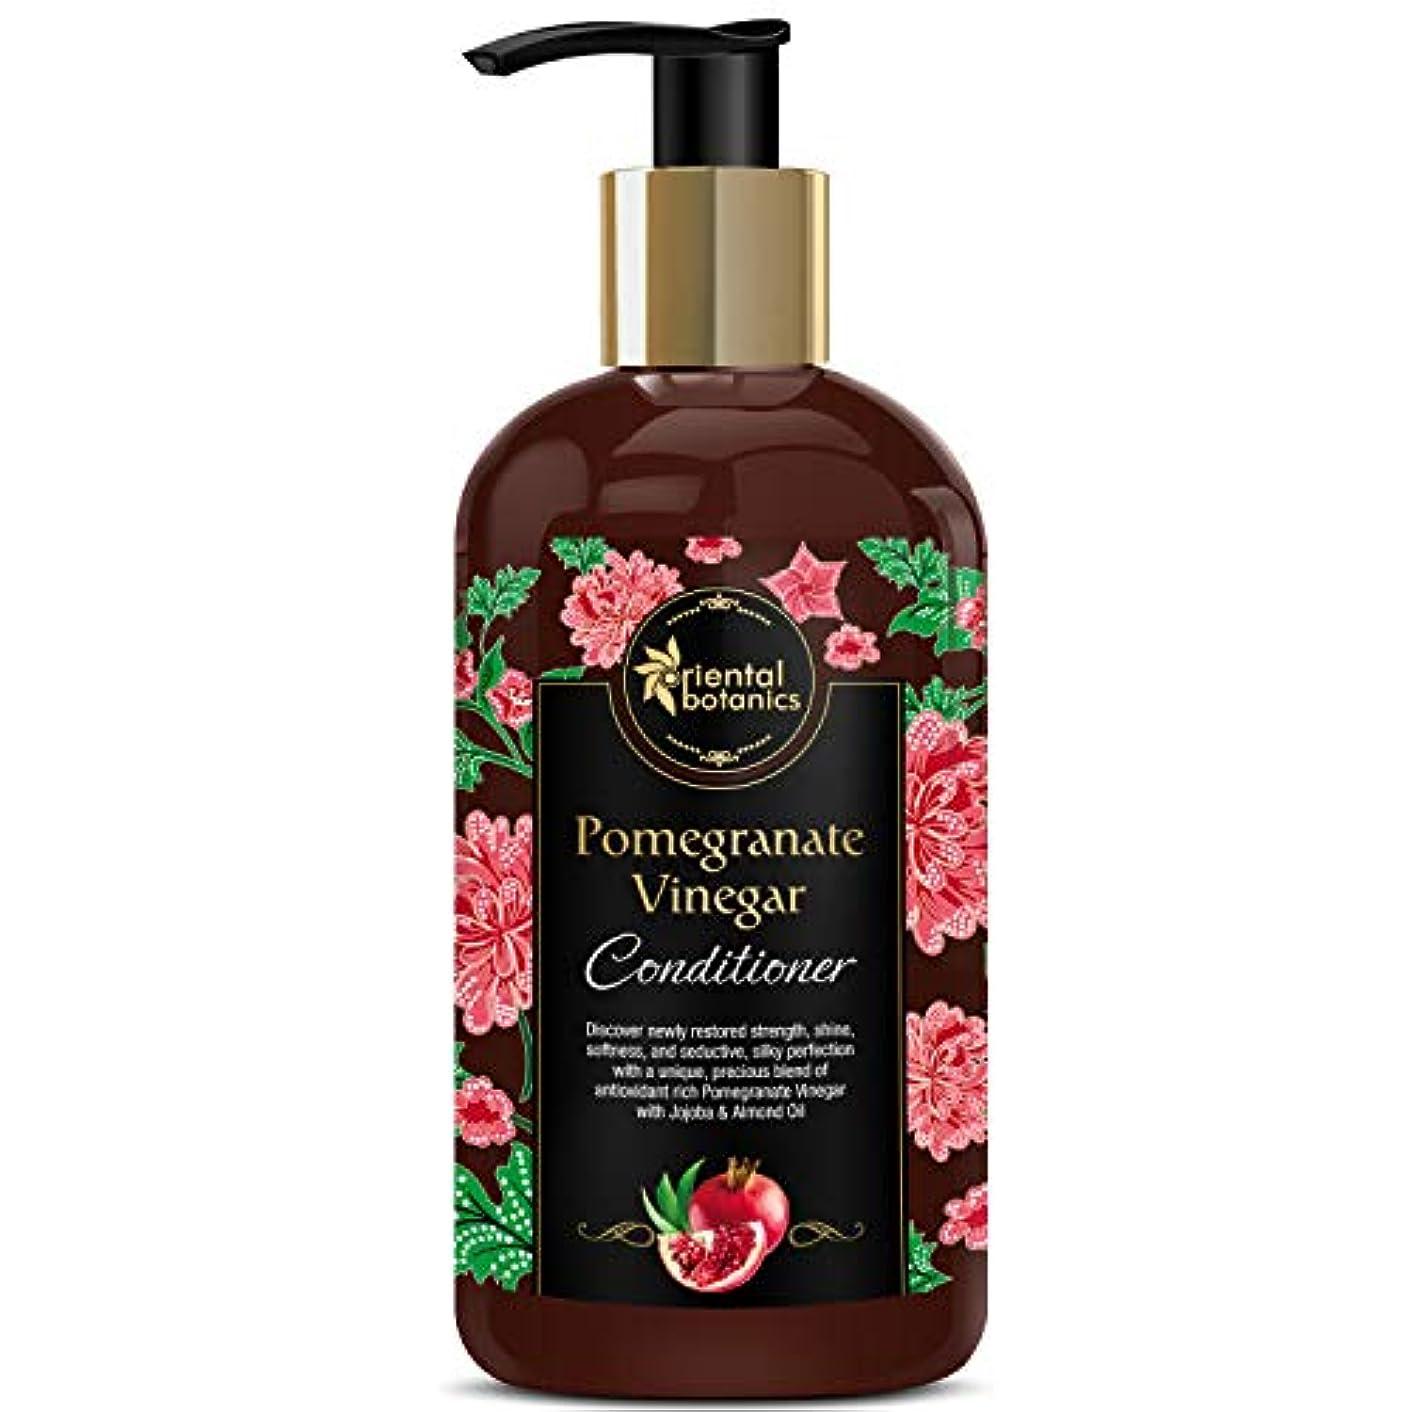 戦術ステレオタイプ熱望するOriental Botanics Pomegranate Vinegar Conditioner - For Healthy, Strong Hair with Antioxidant Boost & Golden Jojoba...